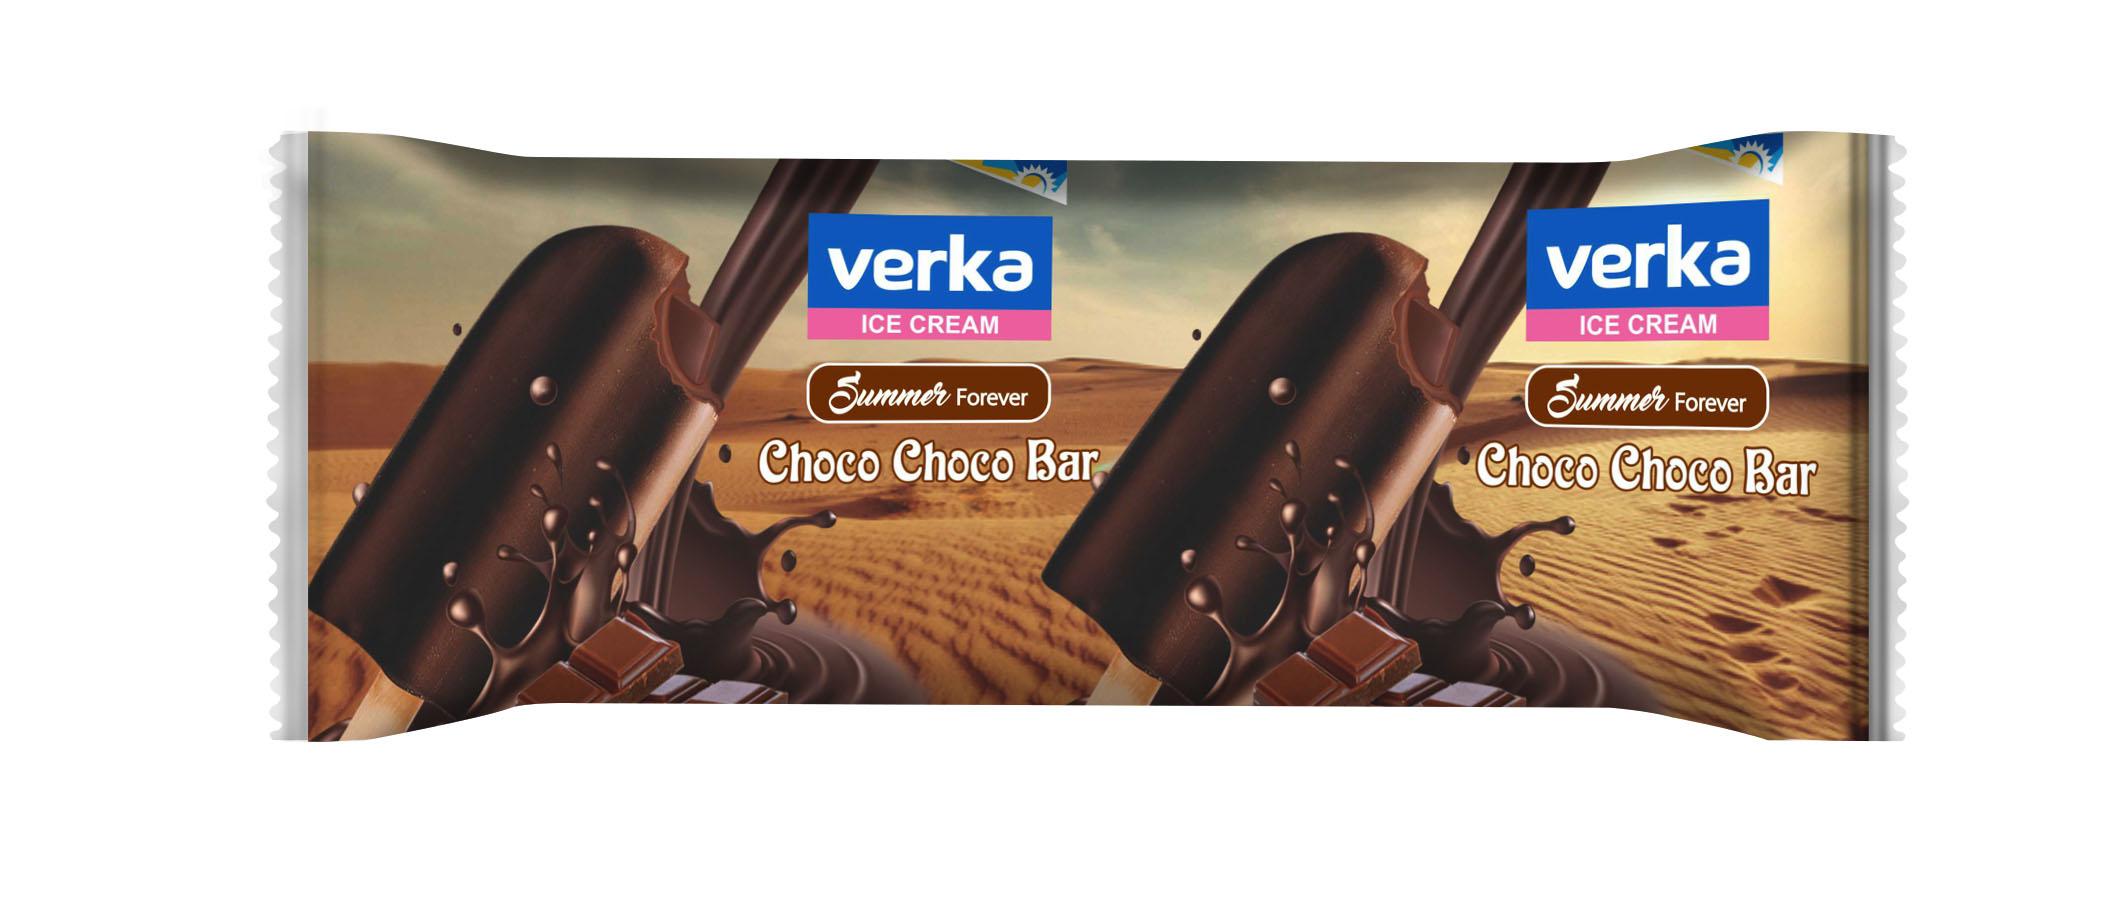 Chocochoco Bar